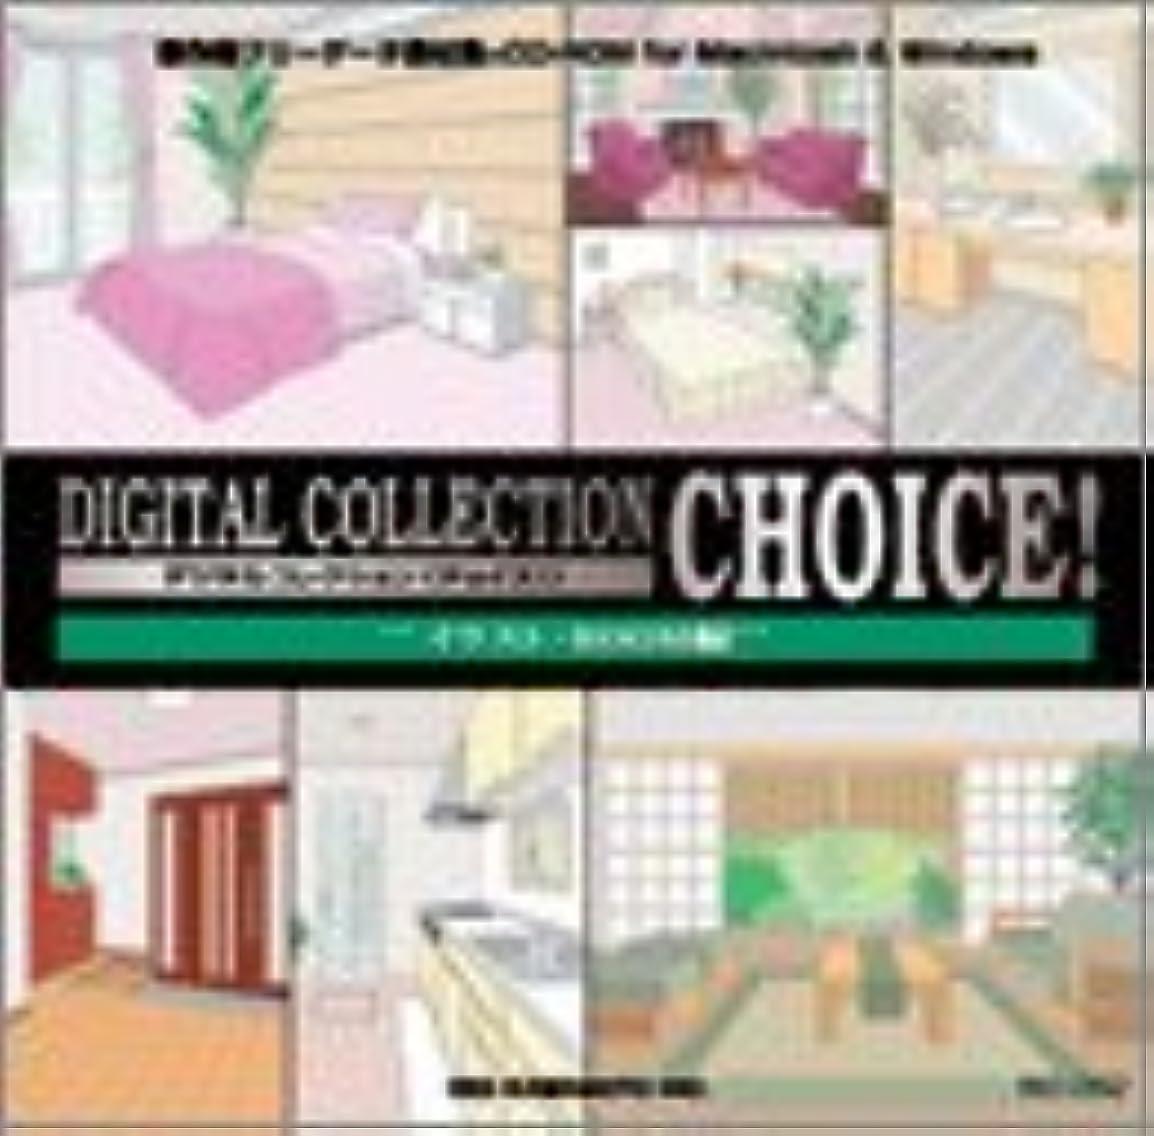 メジャーソフトウェアオセアニアDigital Collection Choice! イラスト?ROOM編